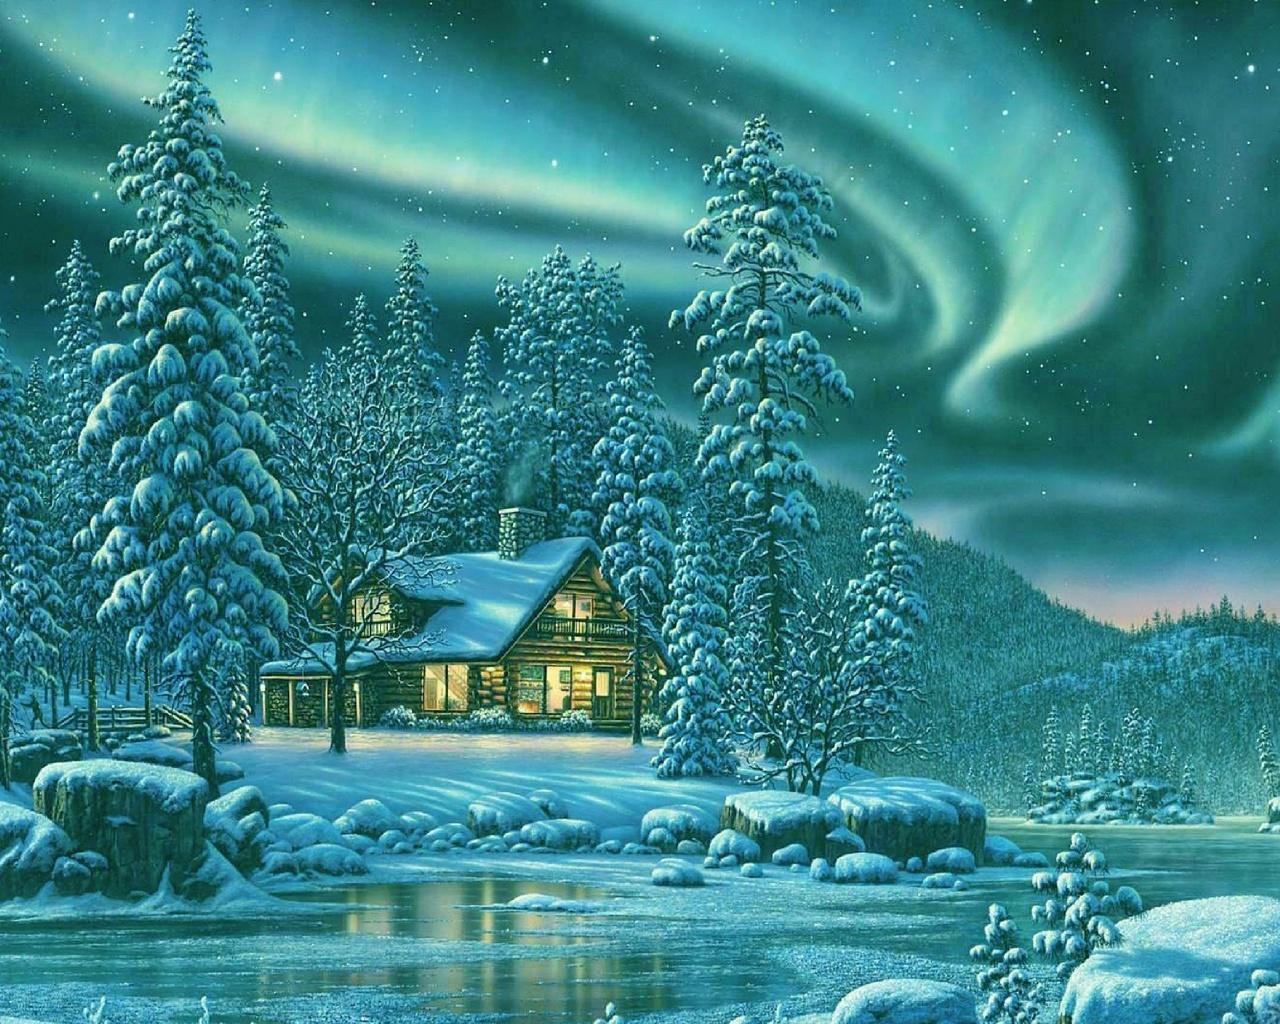 Картинка пейзаж зимний